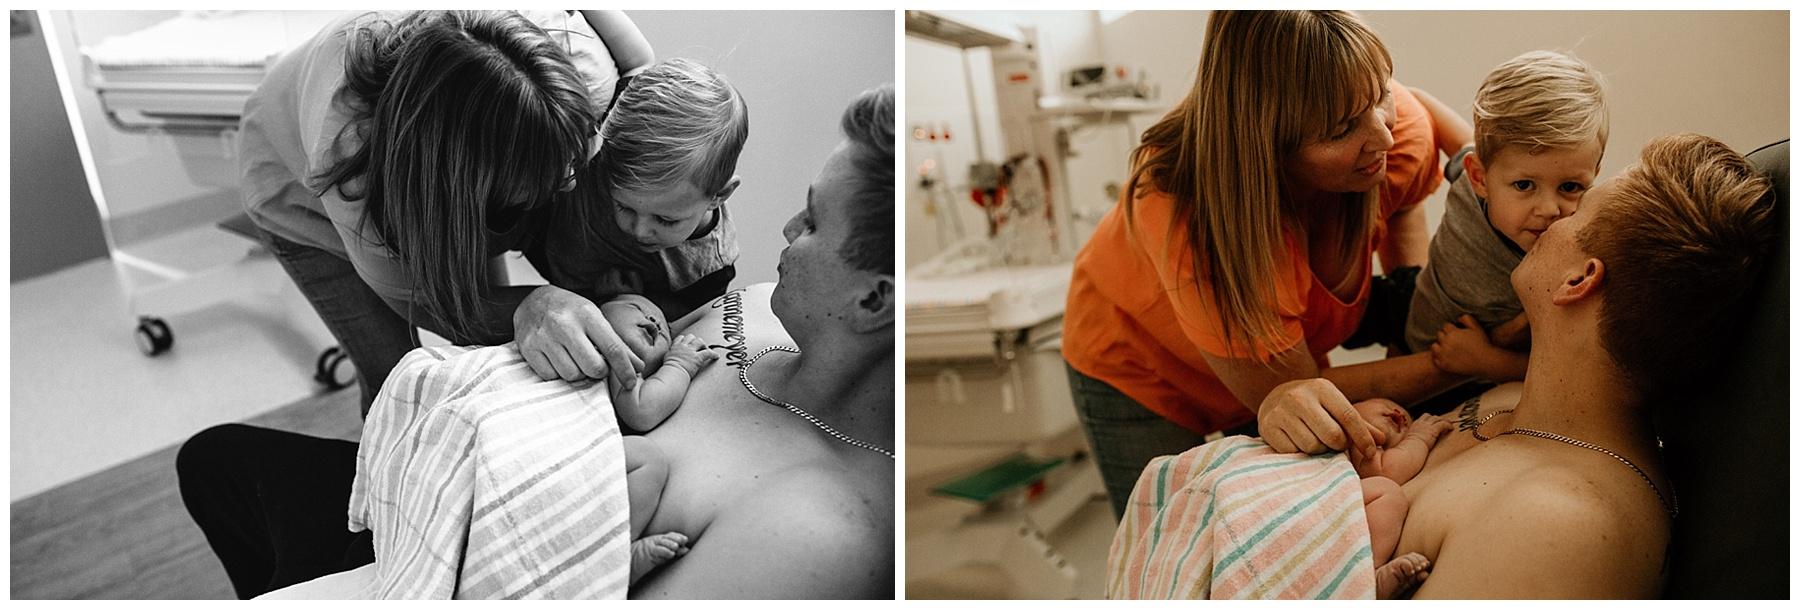 warragul birth photography (17).jpg